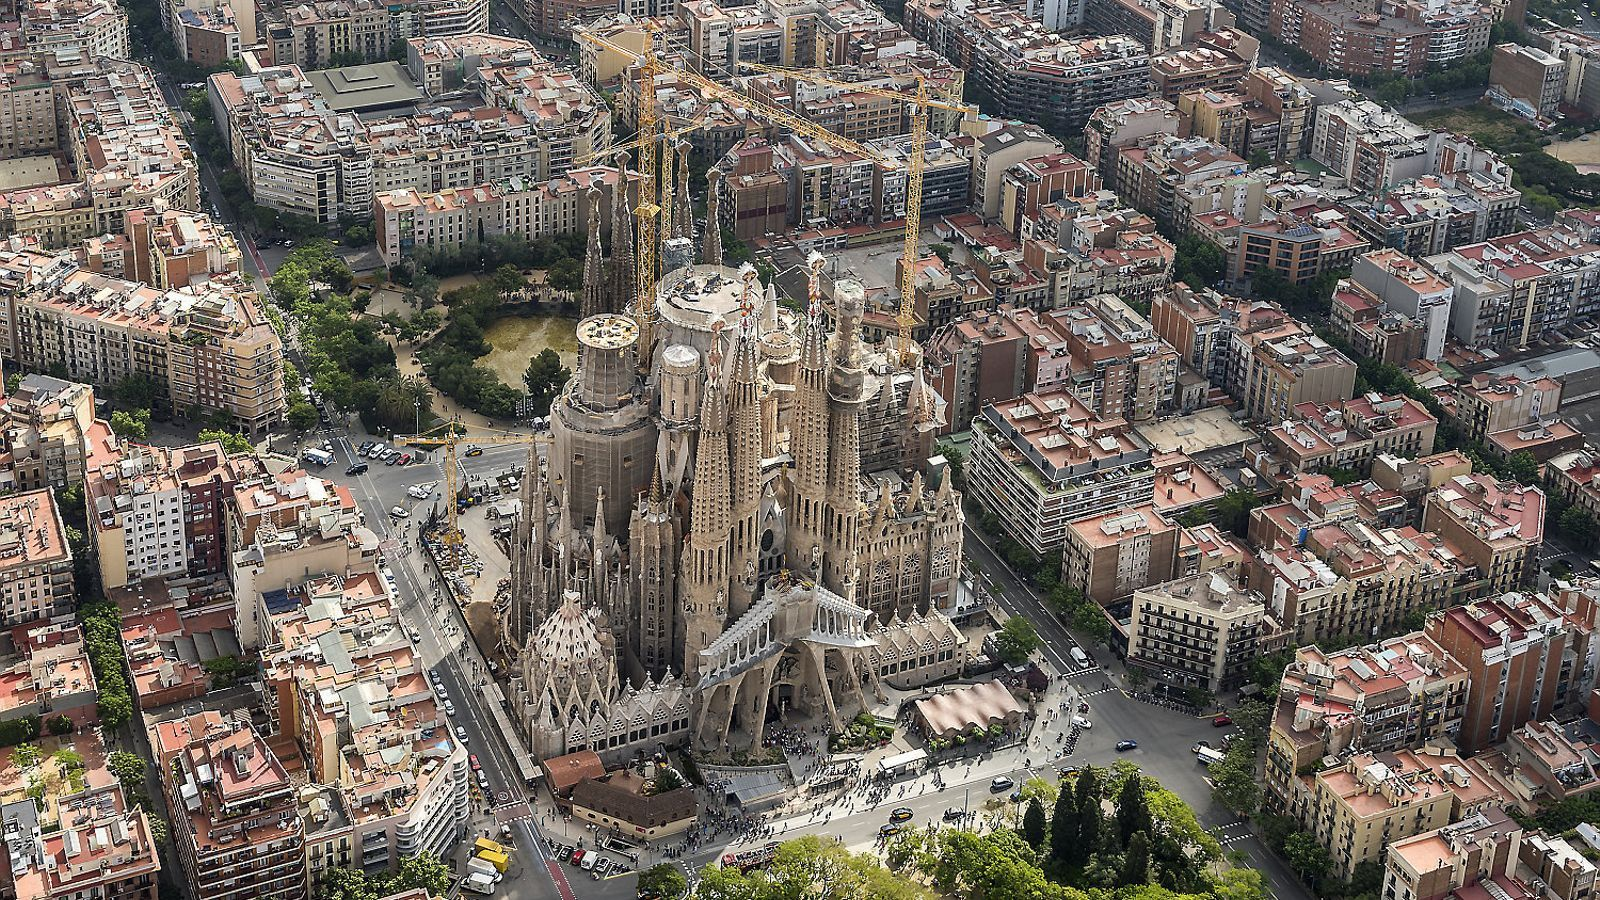 Els veïns de la Sagrada Família contradiuen el projecte de l'escalinata amb un document que nega que sigui de Gaudí